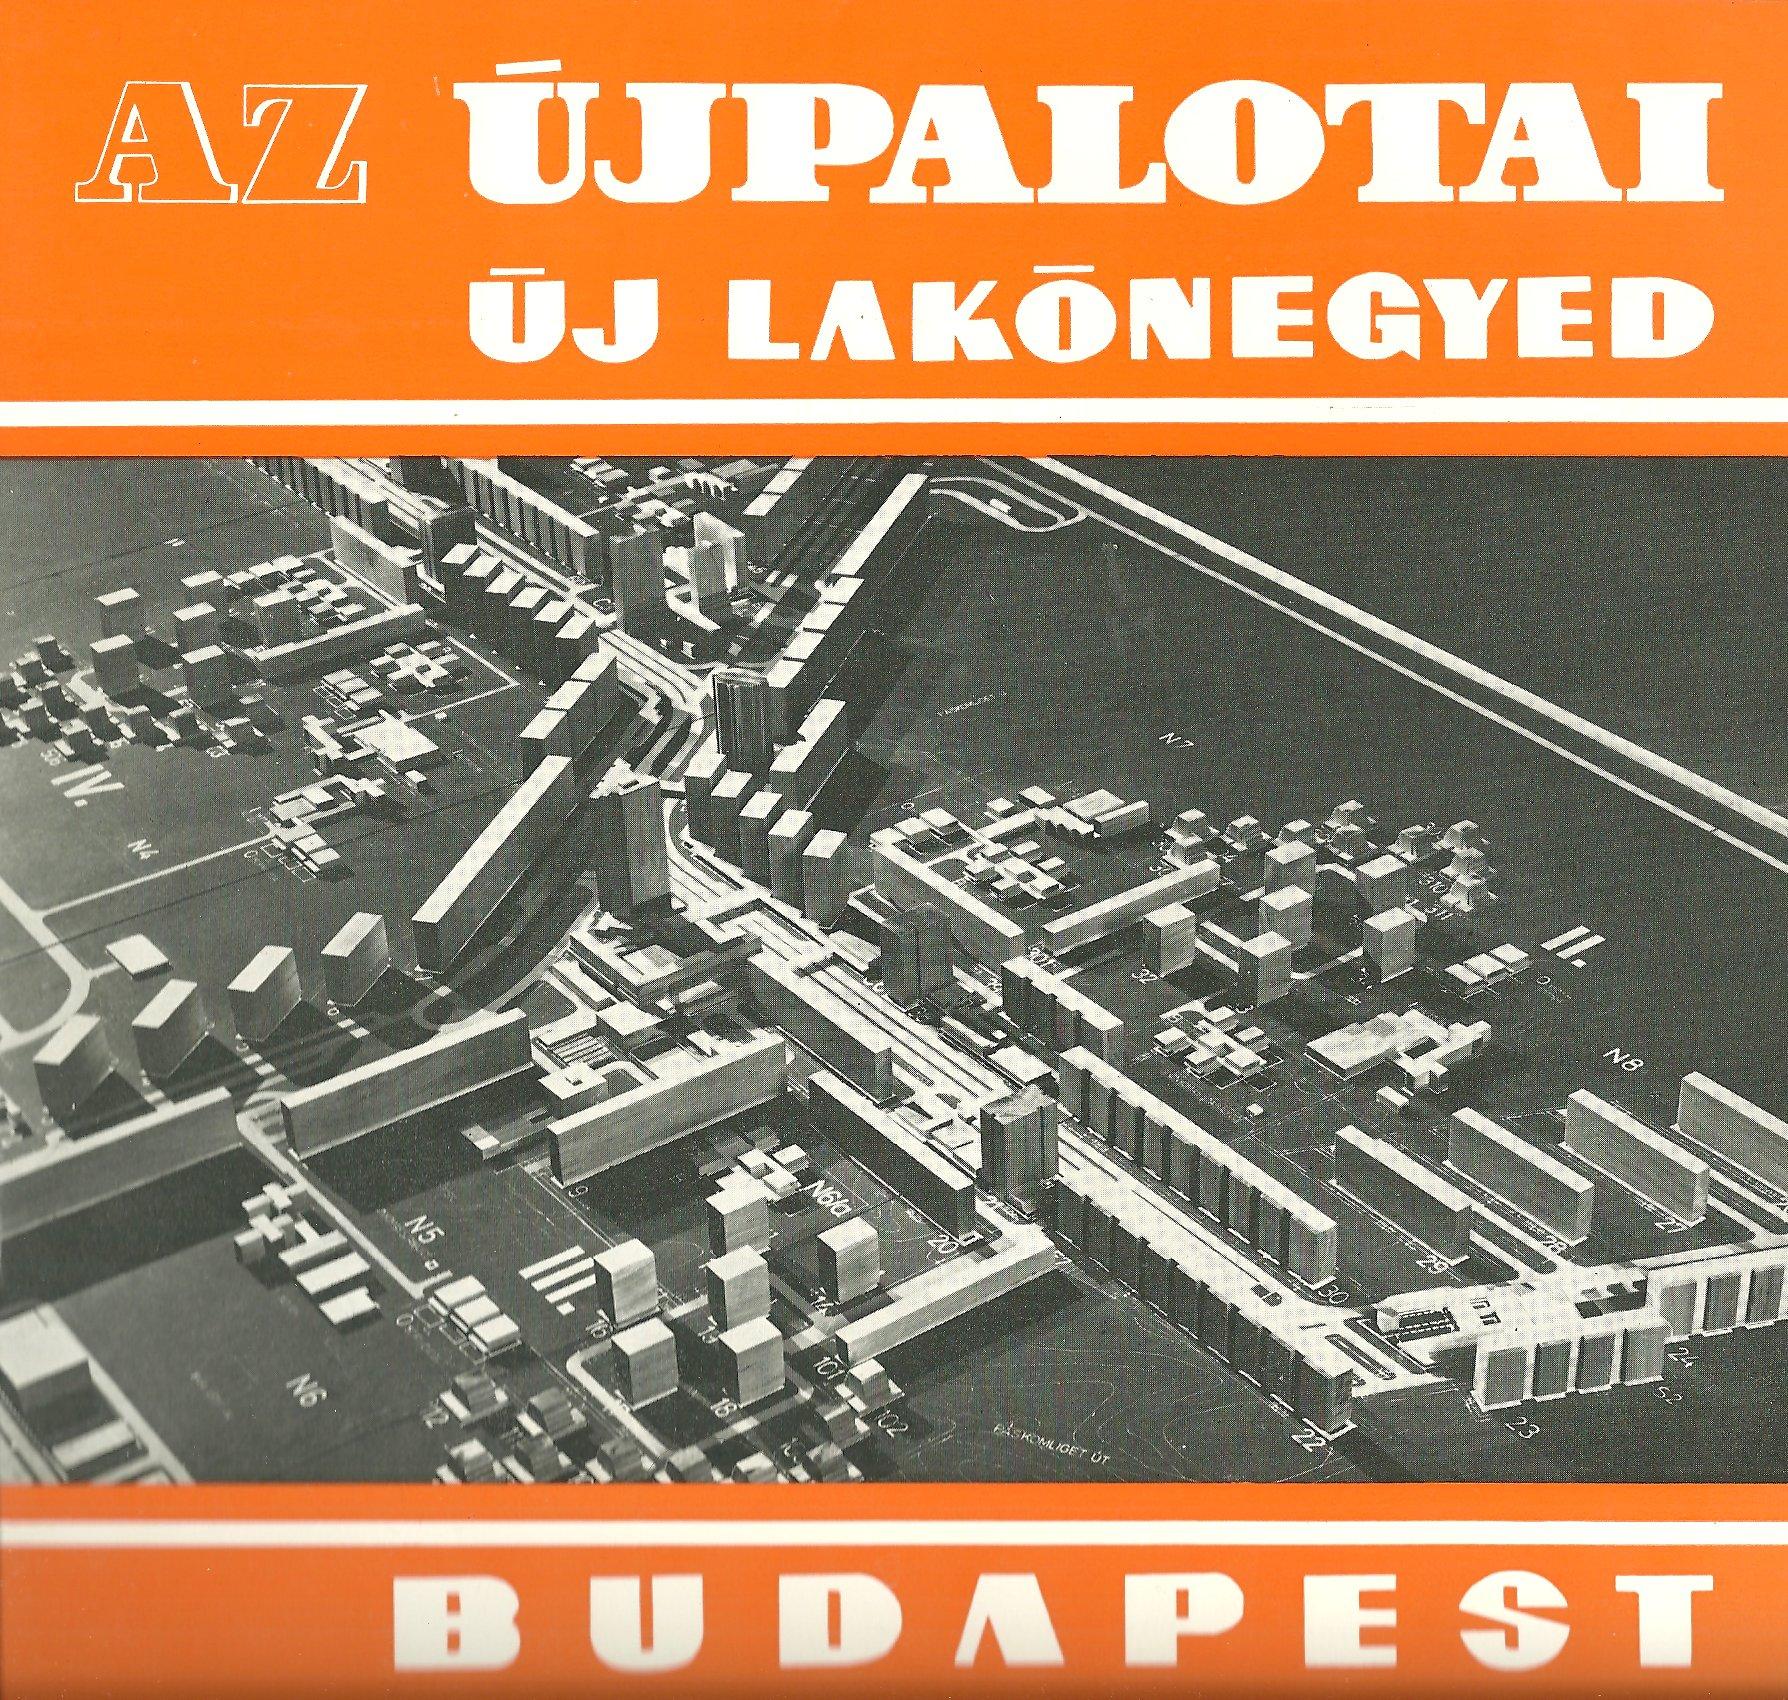 ujpalotai_lakonegyed_01.jpg